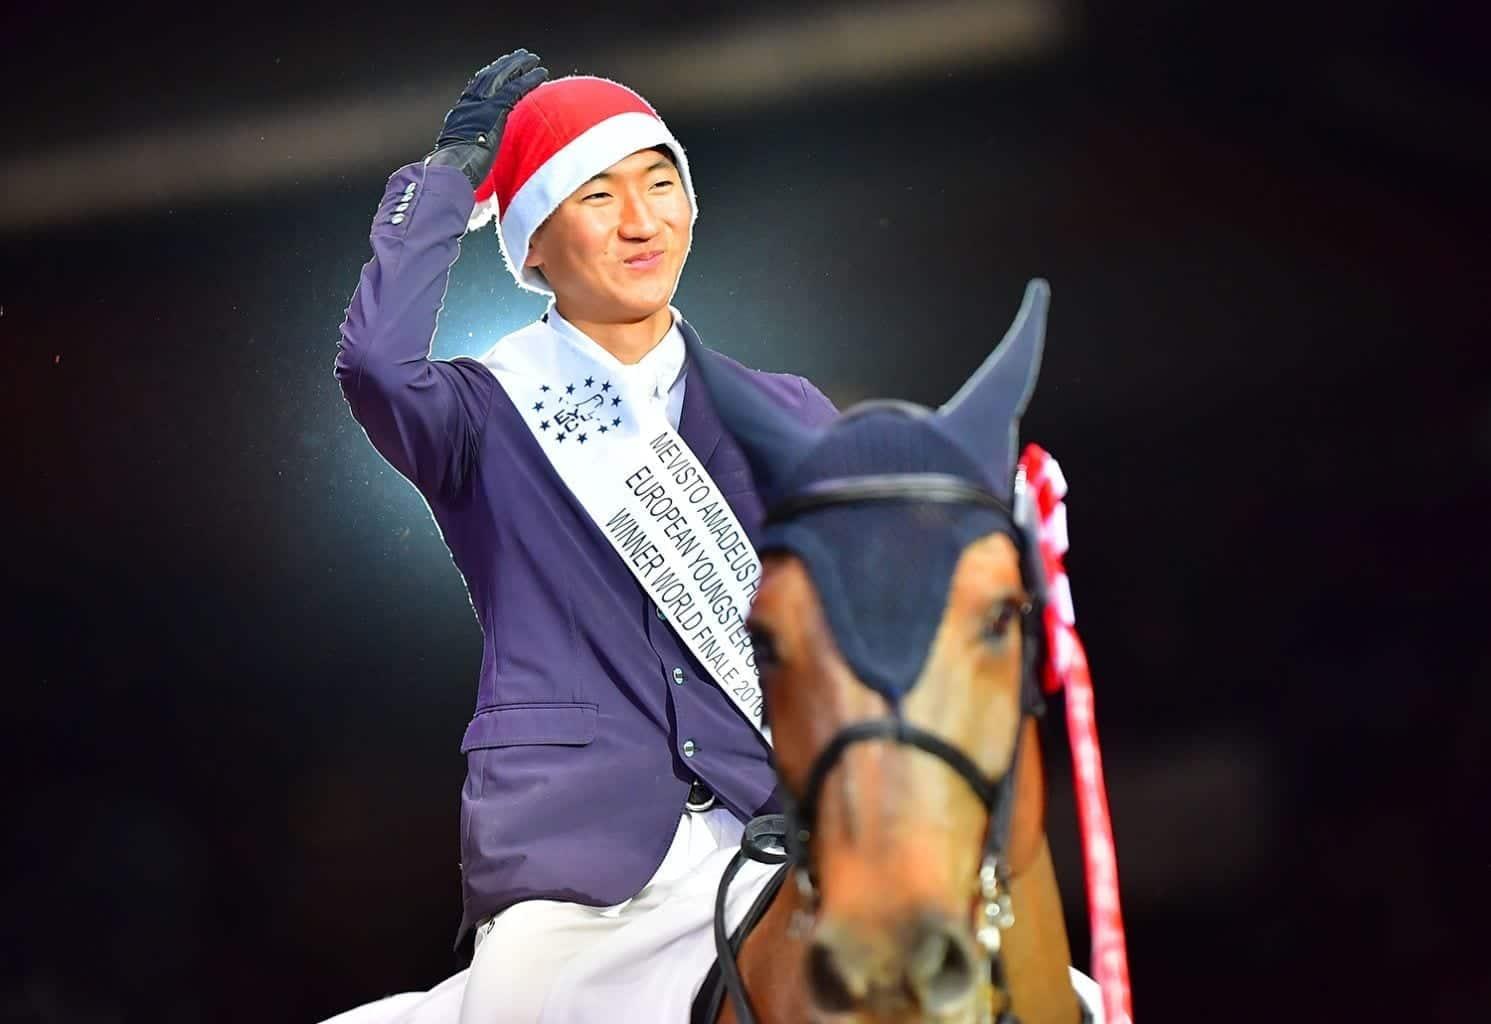 Kwon Manjun (KOR) und Coral Springs sprangen zum Gesamtsieg im EY Cup U25 Weltfinale. © im|press|ions – Daniel Kaiser